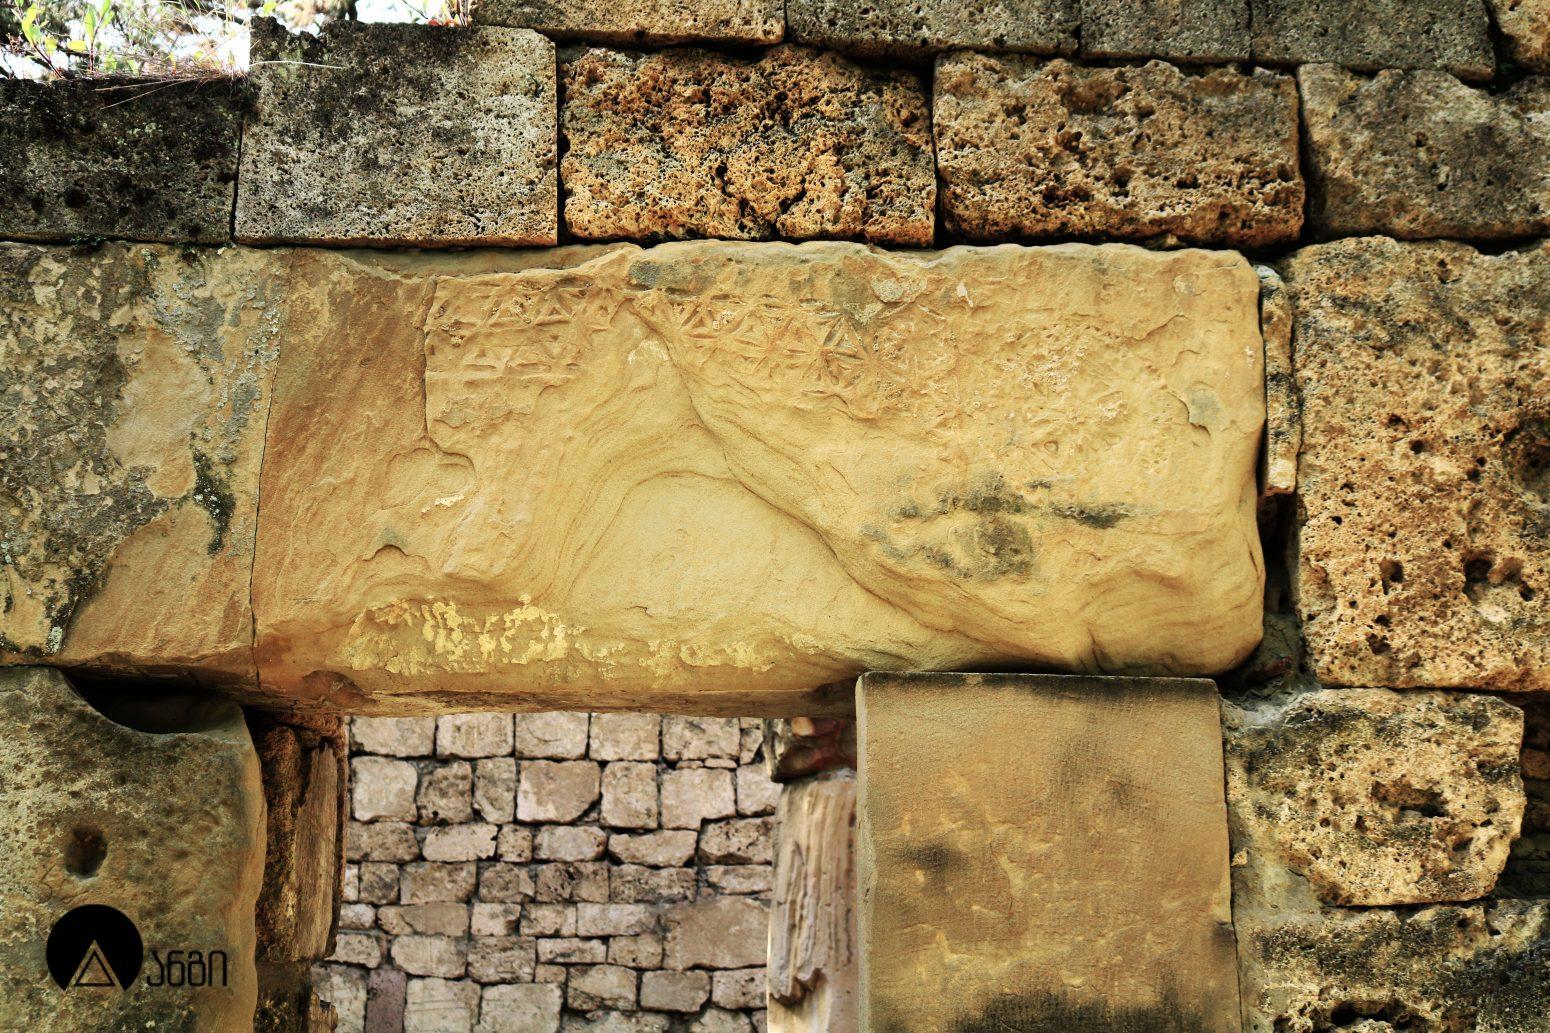 ივრის სიონის ბაზილიკა (სიონის წყალსაცავის ტაძარი)